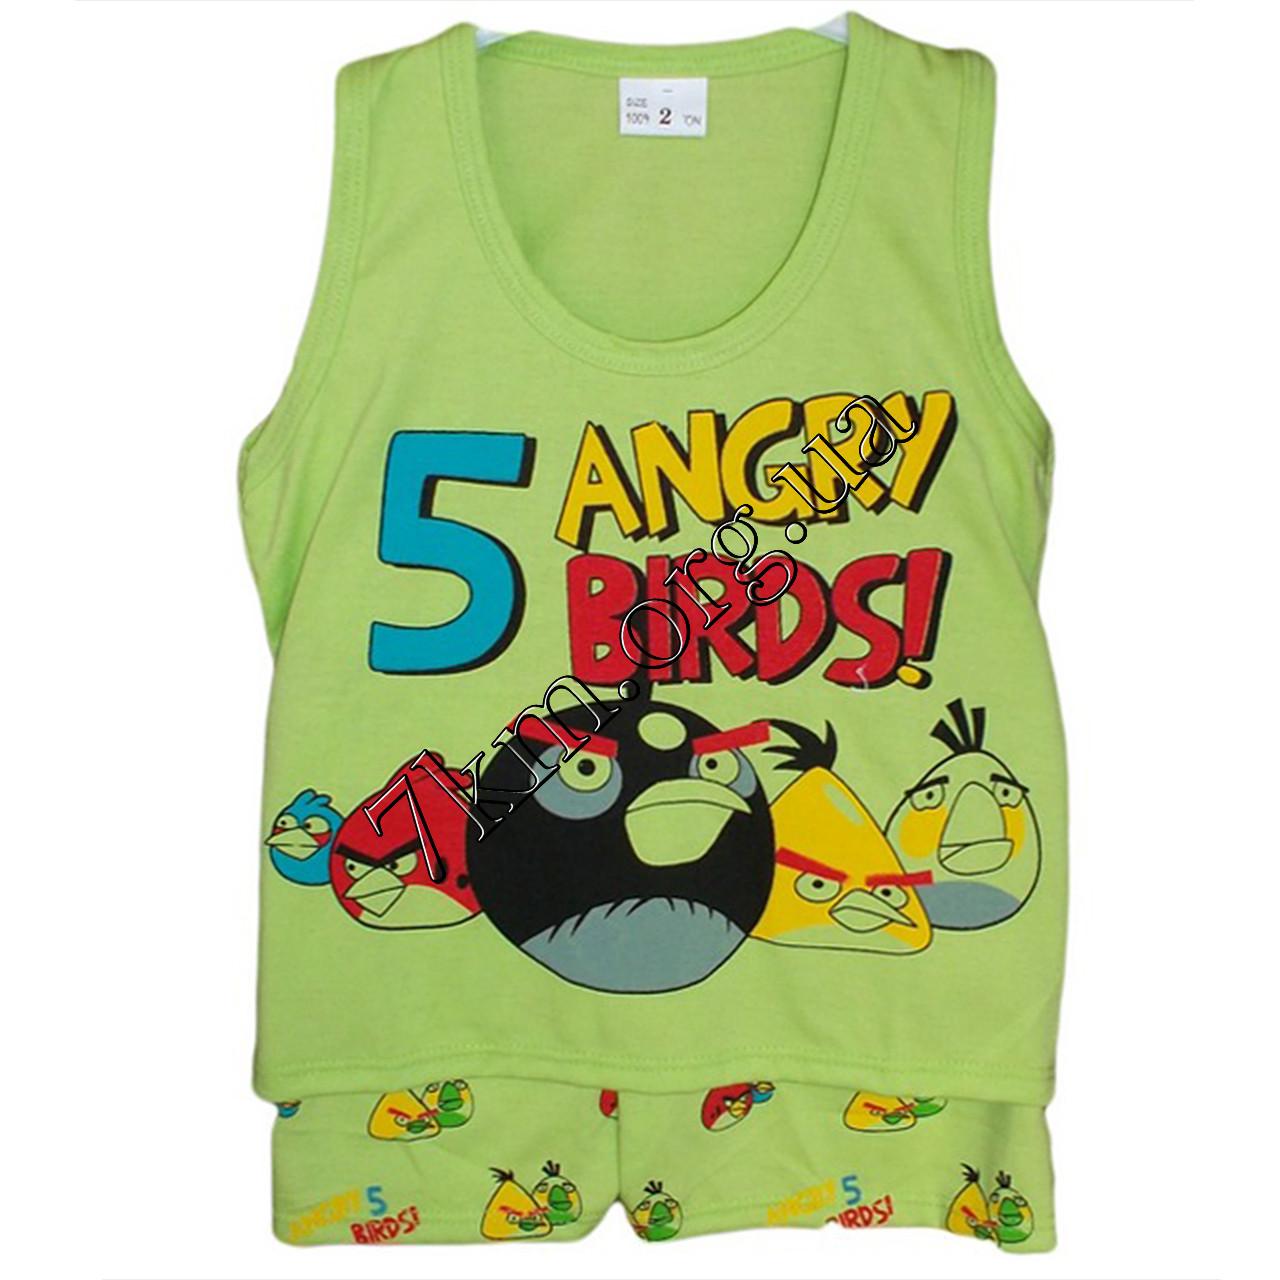 """Набор детский трикотаж для мальчиков """"Angry Birds"""" 6-24 месяца Оптом 300423"""